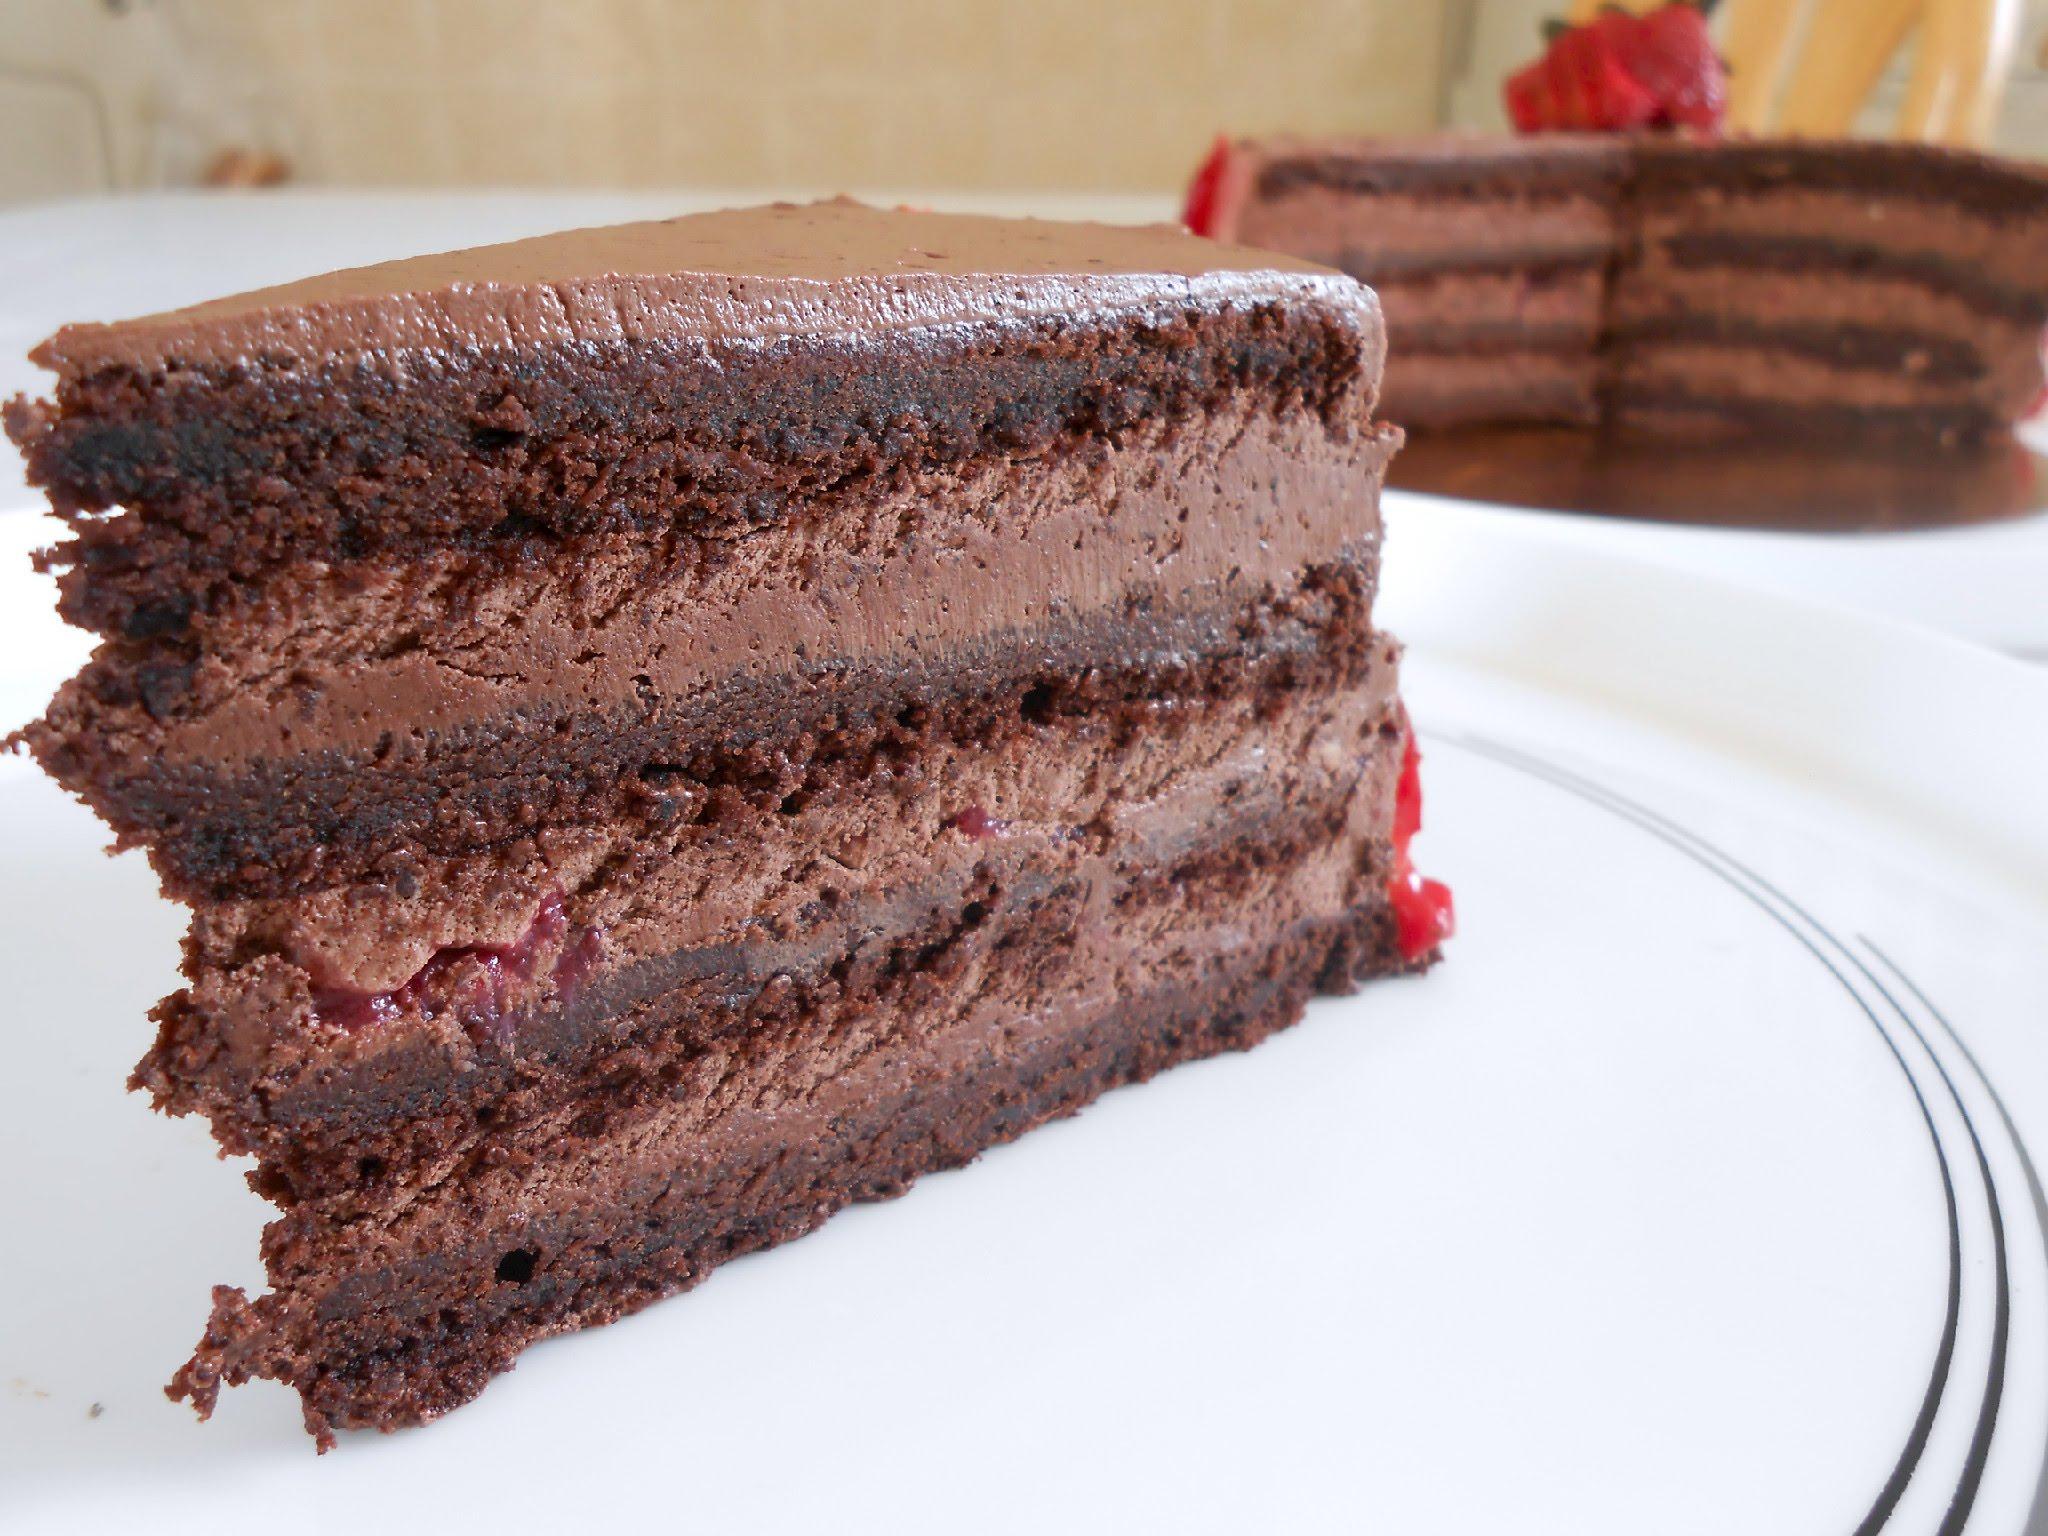 طريقة عمل الكيك بالشوكولاتة سهلة اسهل كيك شيكولاتة رمزيات